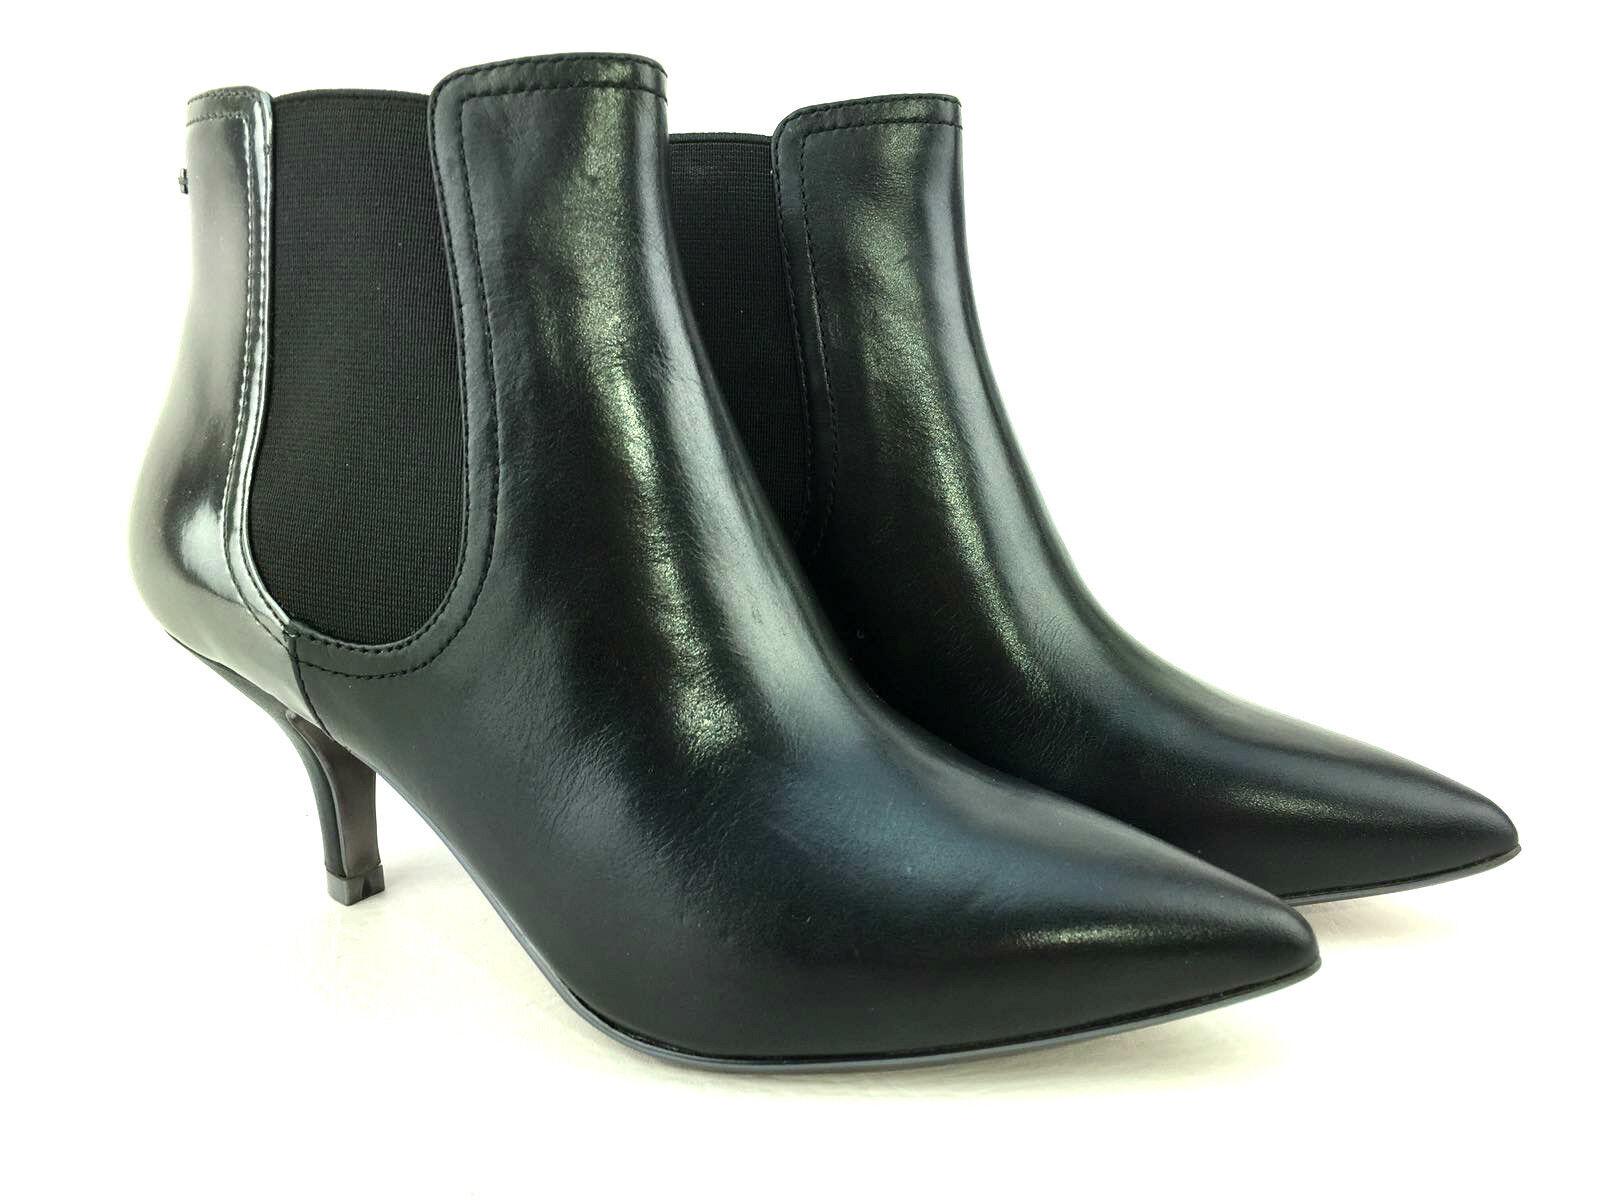 Diesel drinky fiesta bathidas Black Woman Shoe zapato señora tacón alto New nuevo